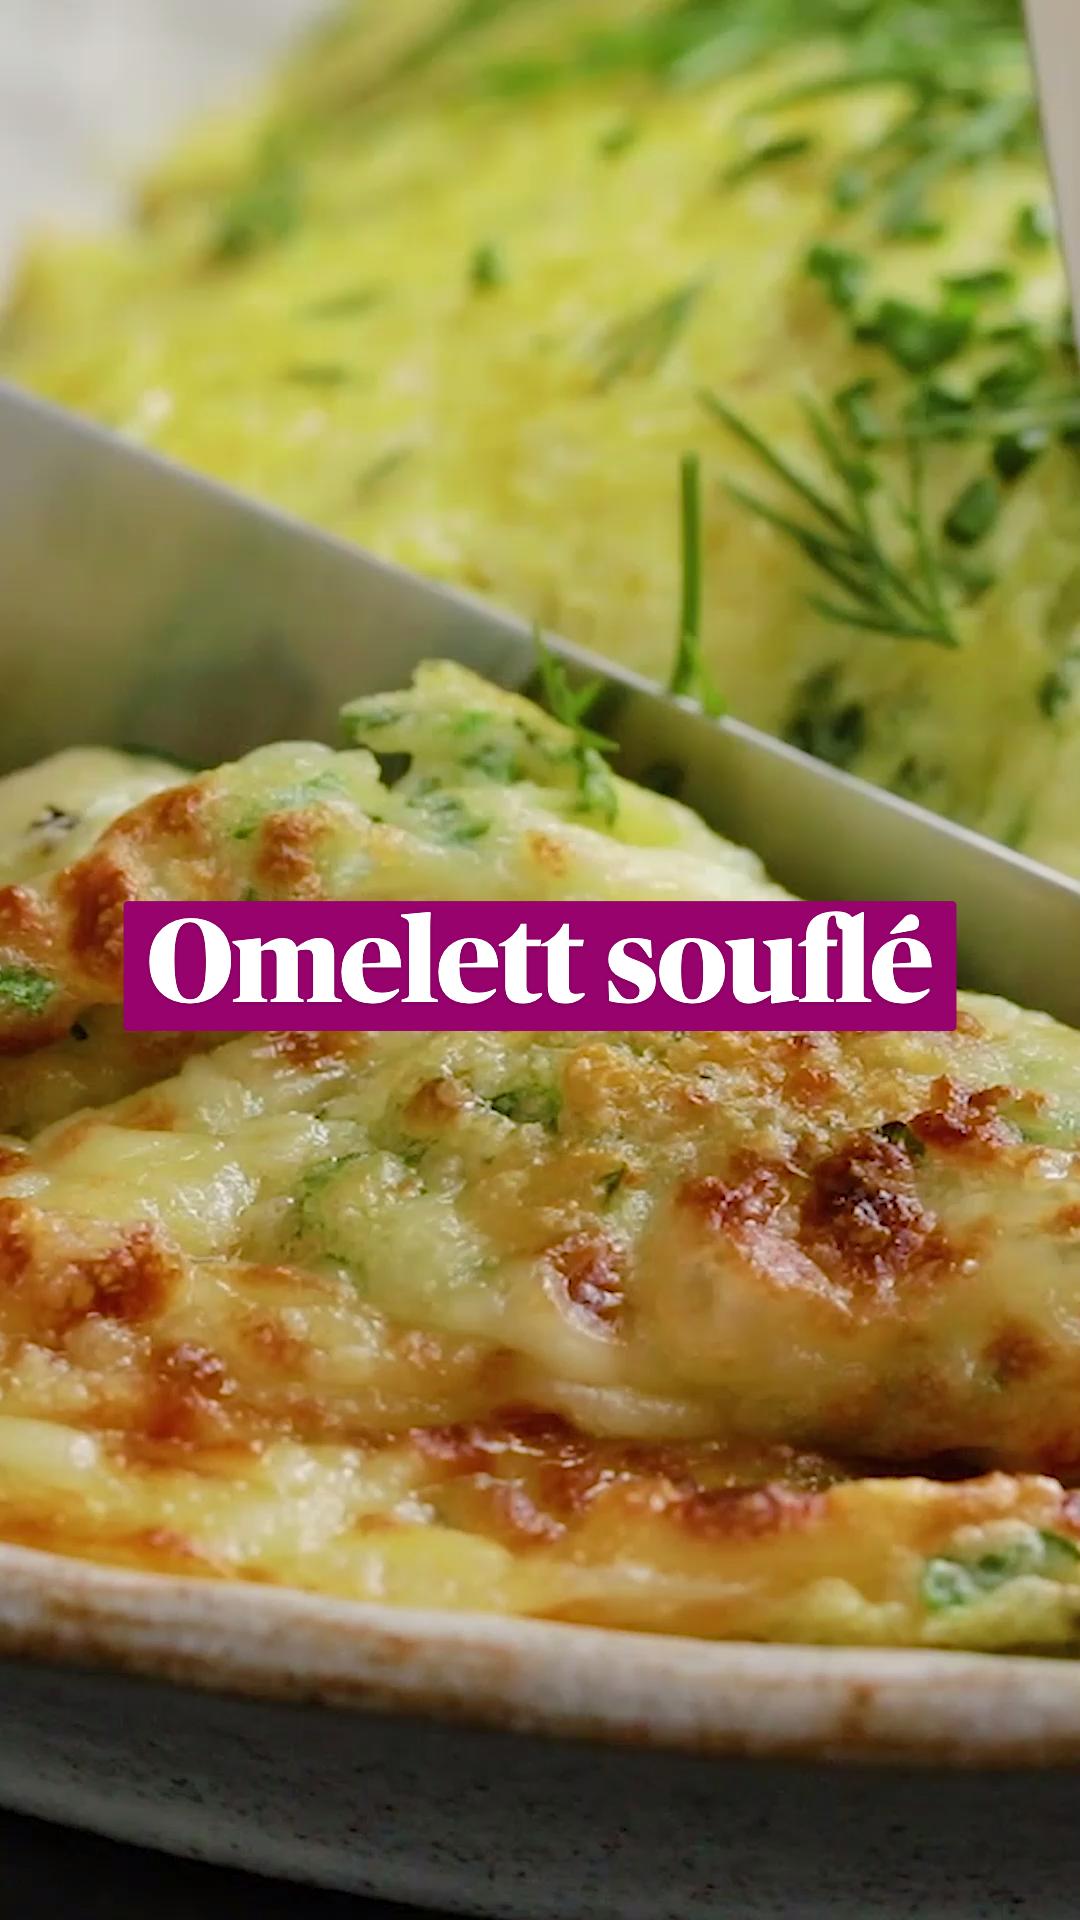 Omelett souflé